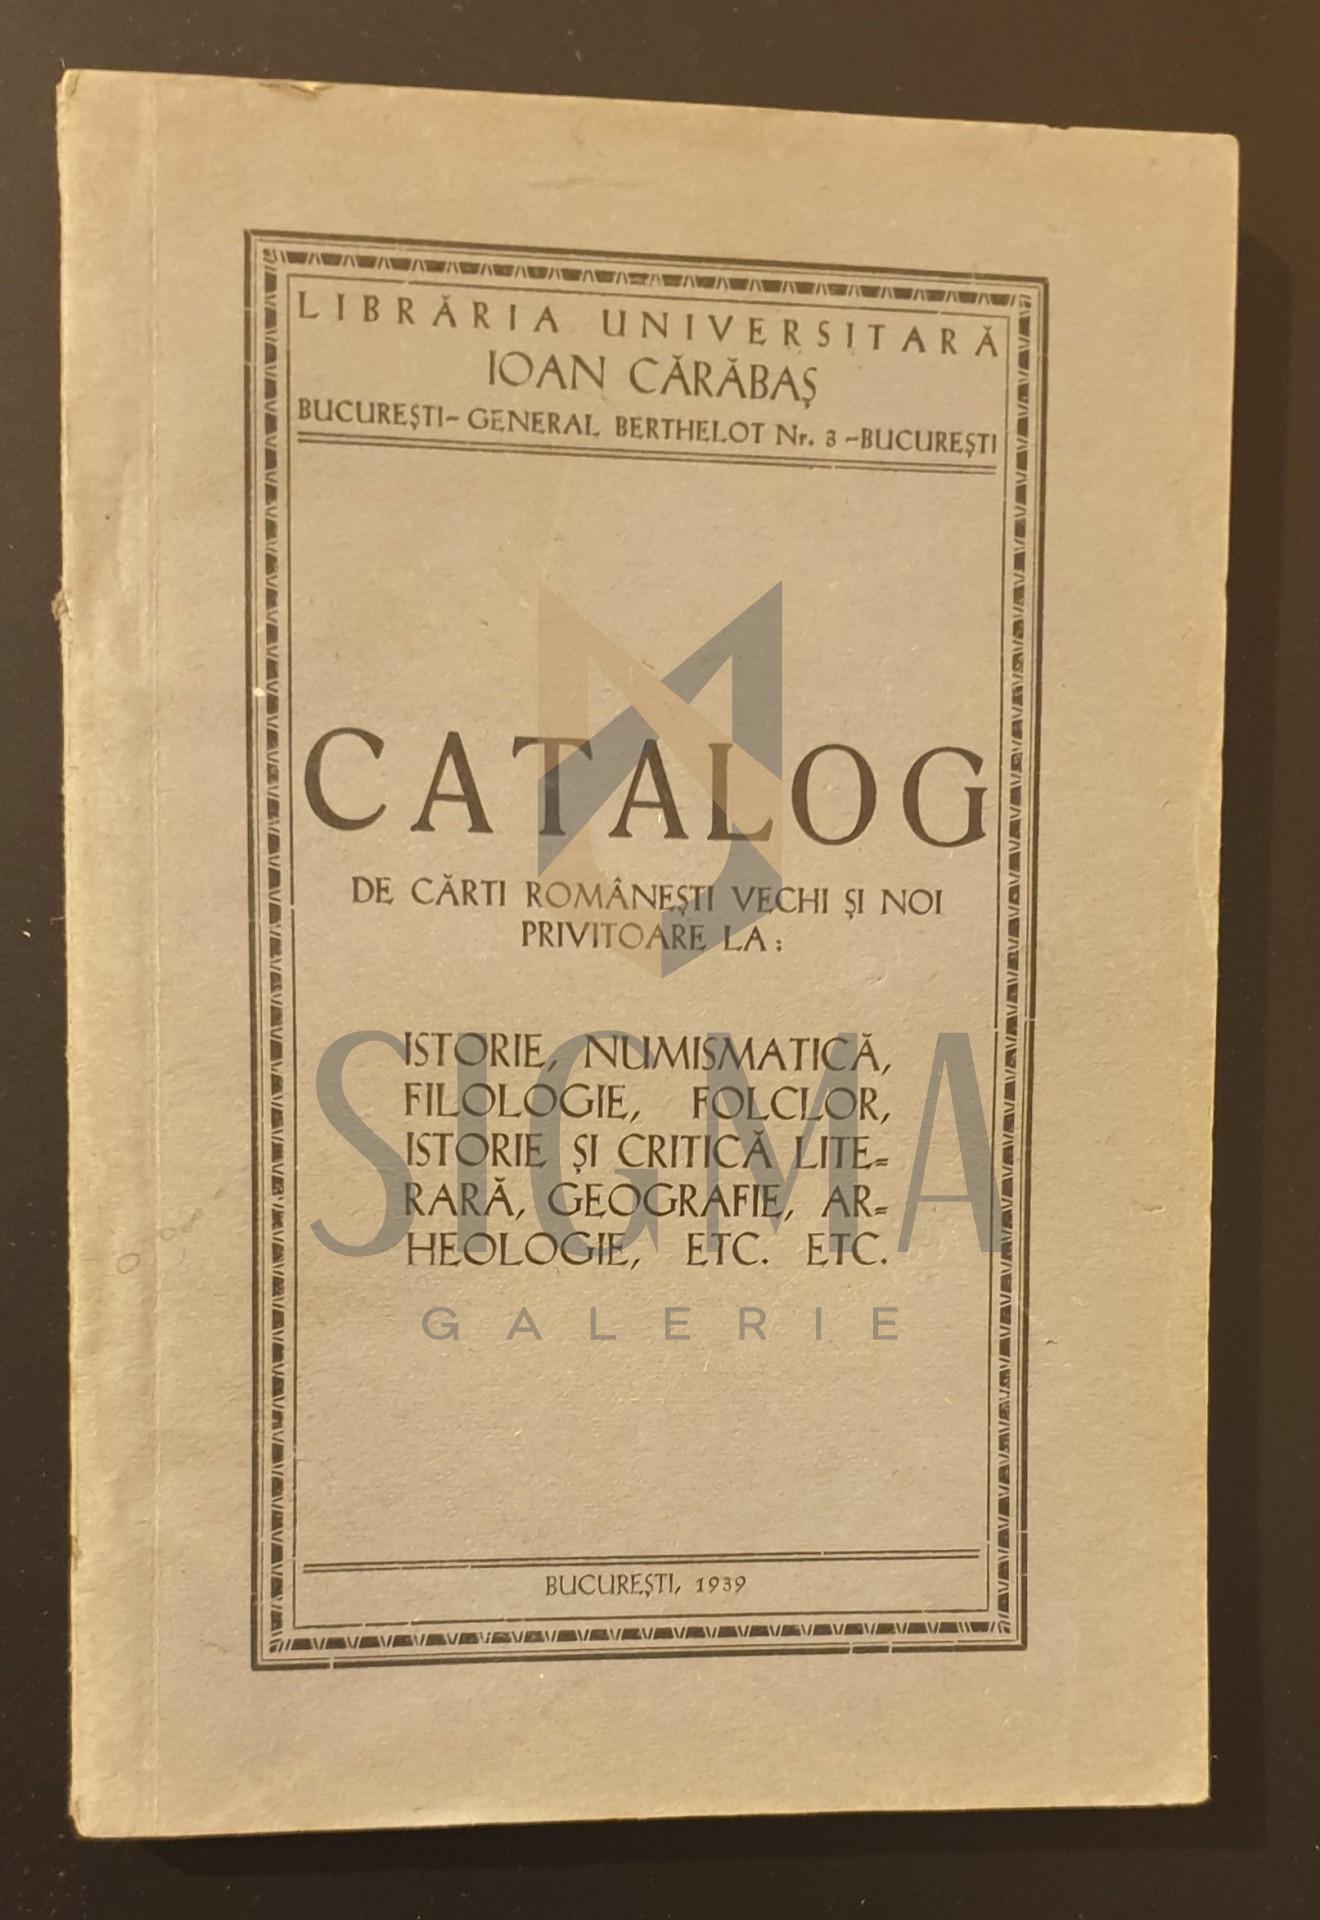 Catalog de carti romanesti vechi si noi privitoare la: istorie, numismatica, folclor, istorie si critica literara, geografie, arheologie, etc, etc